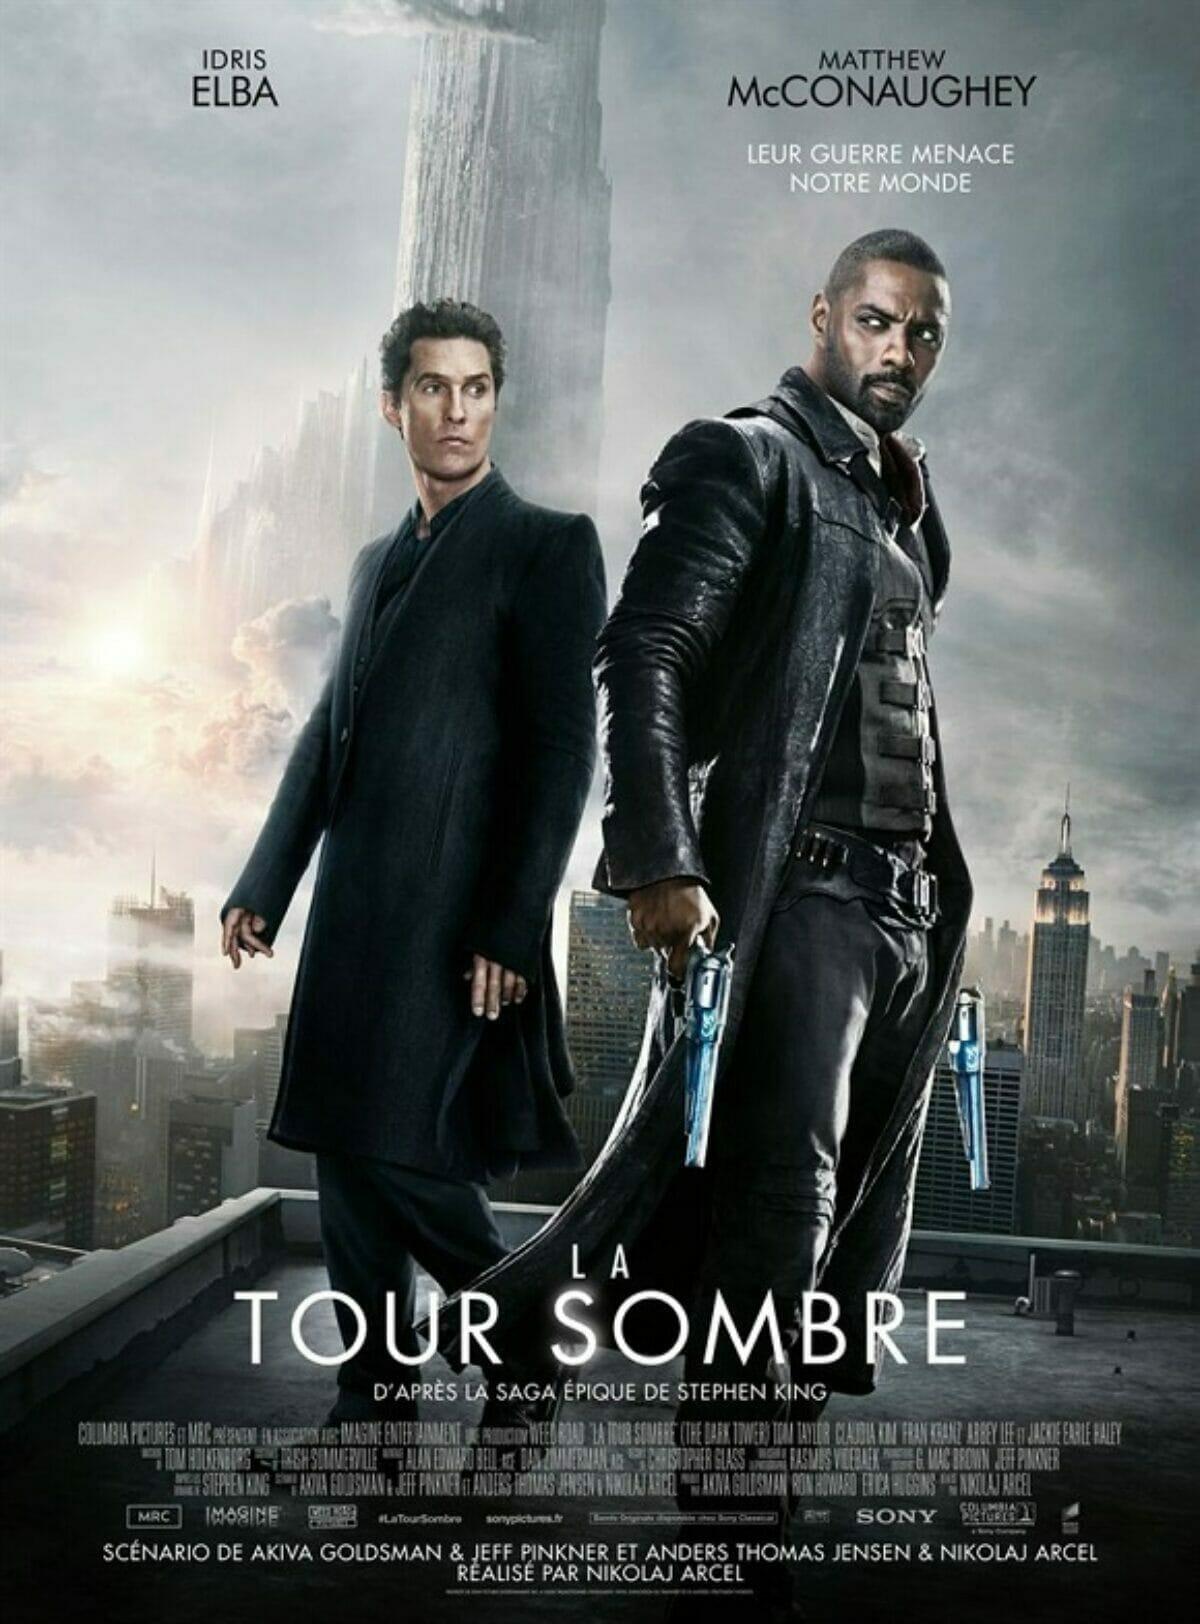 La-Tour-Sombre-poster